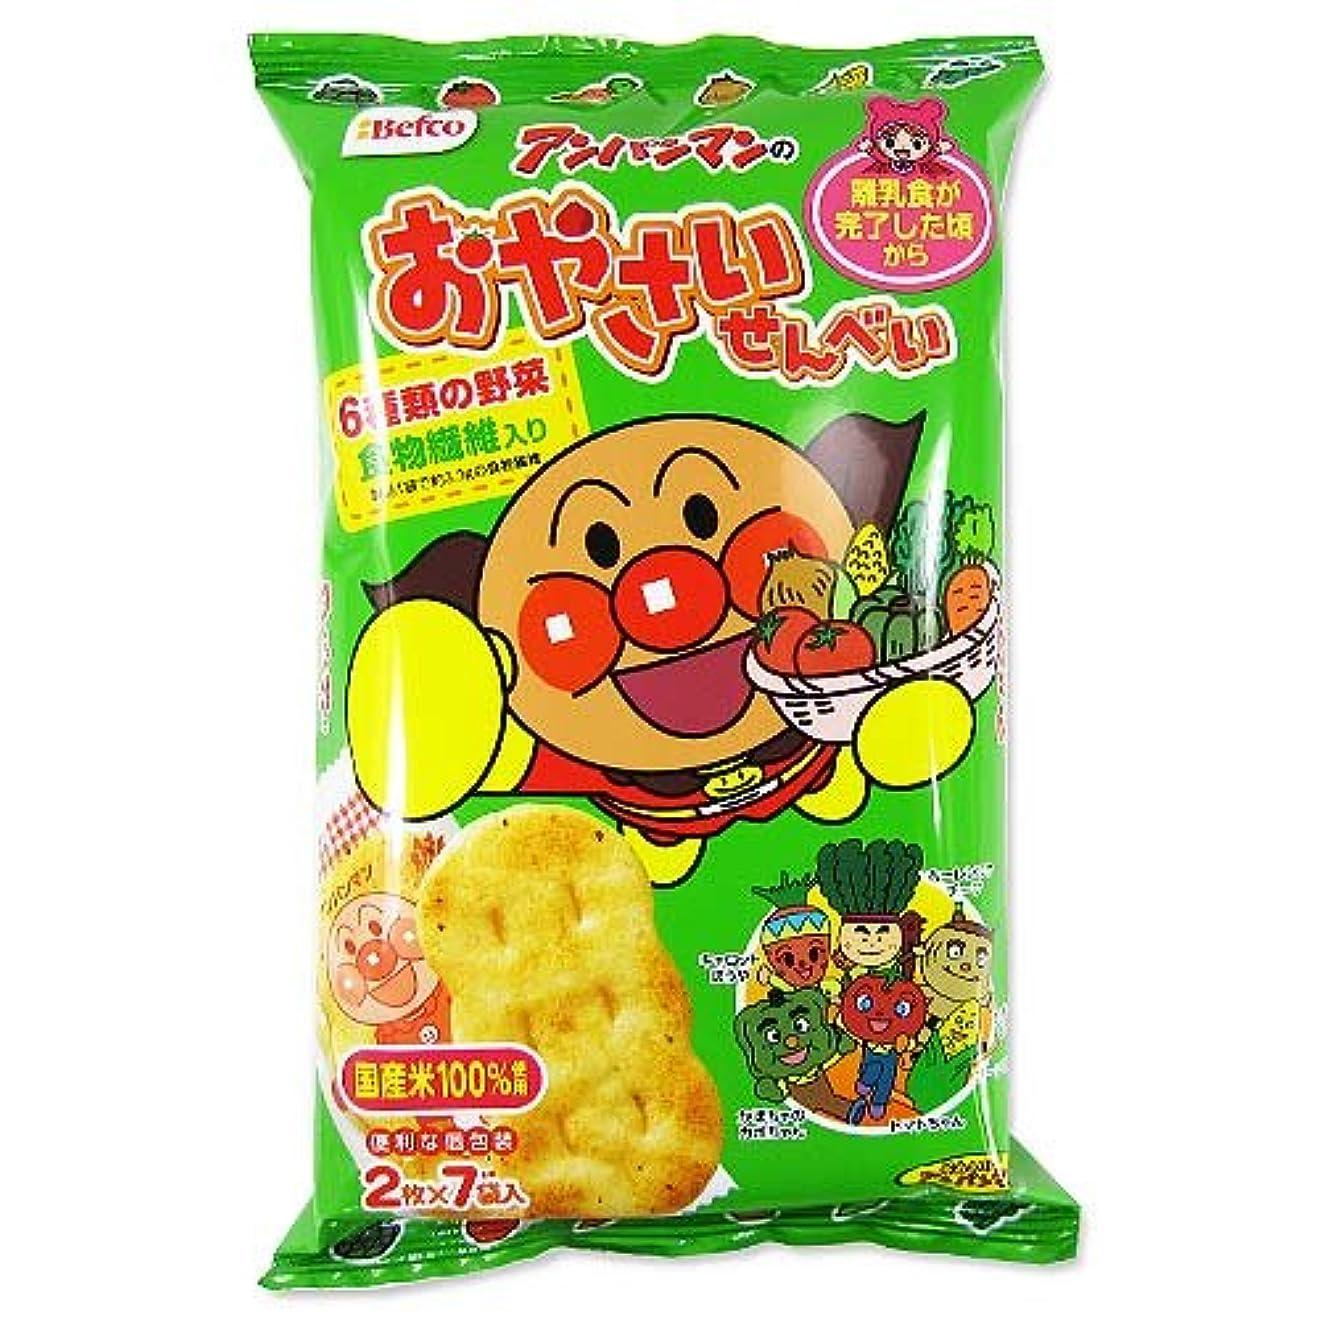 協力瀬戸際決めます栗山米菓 アンパンマンのおやさいせんべい 2枚×6袋 (12個入)